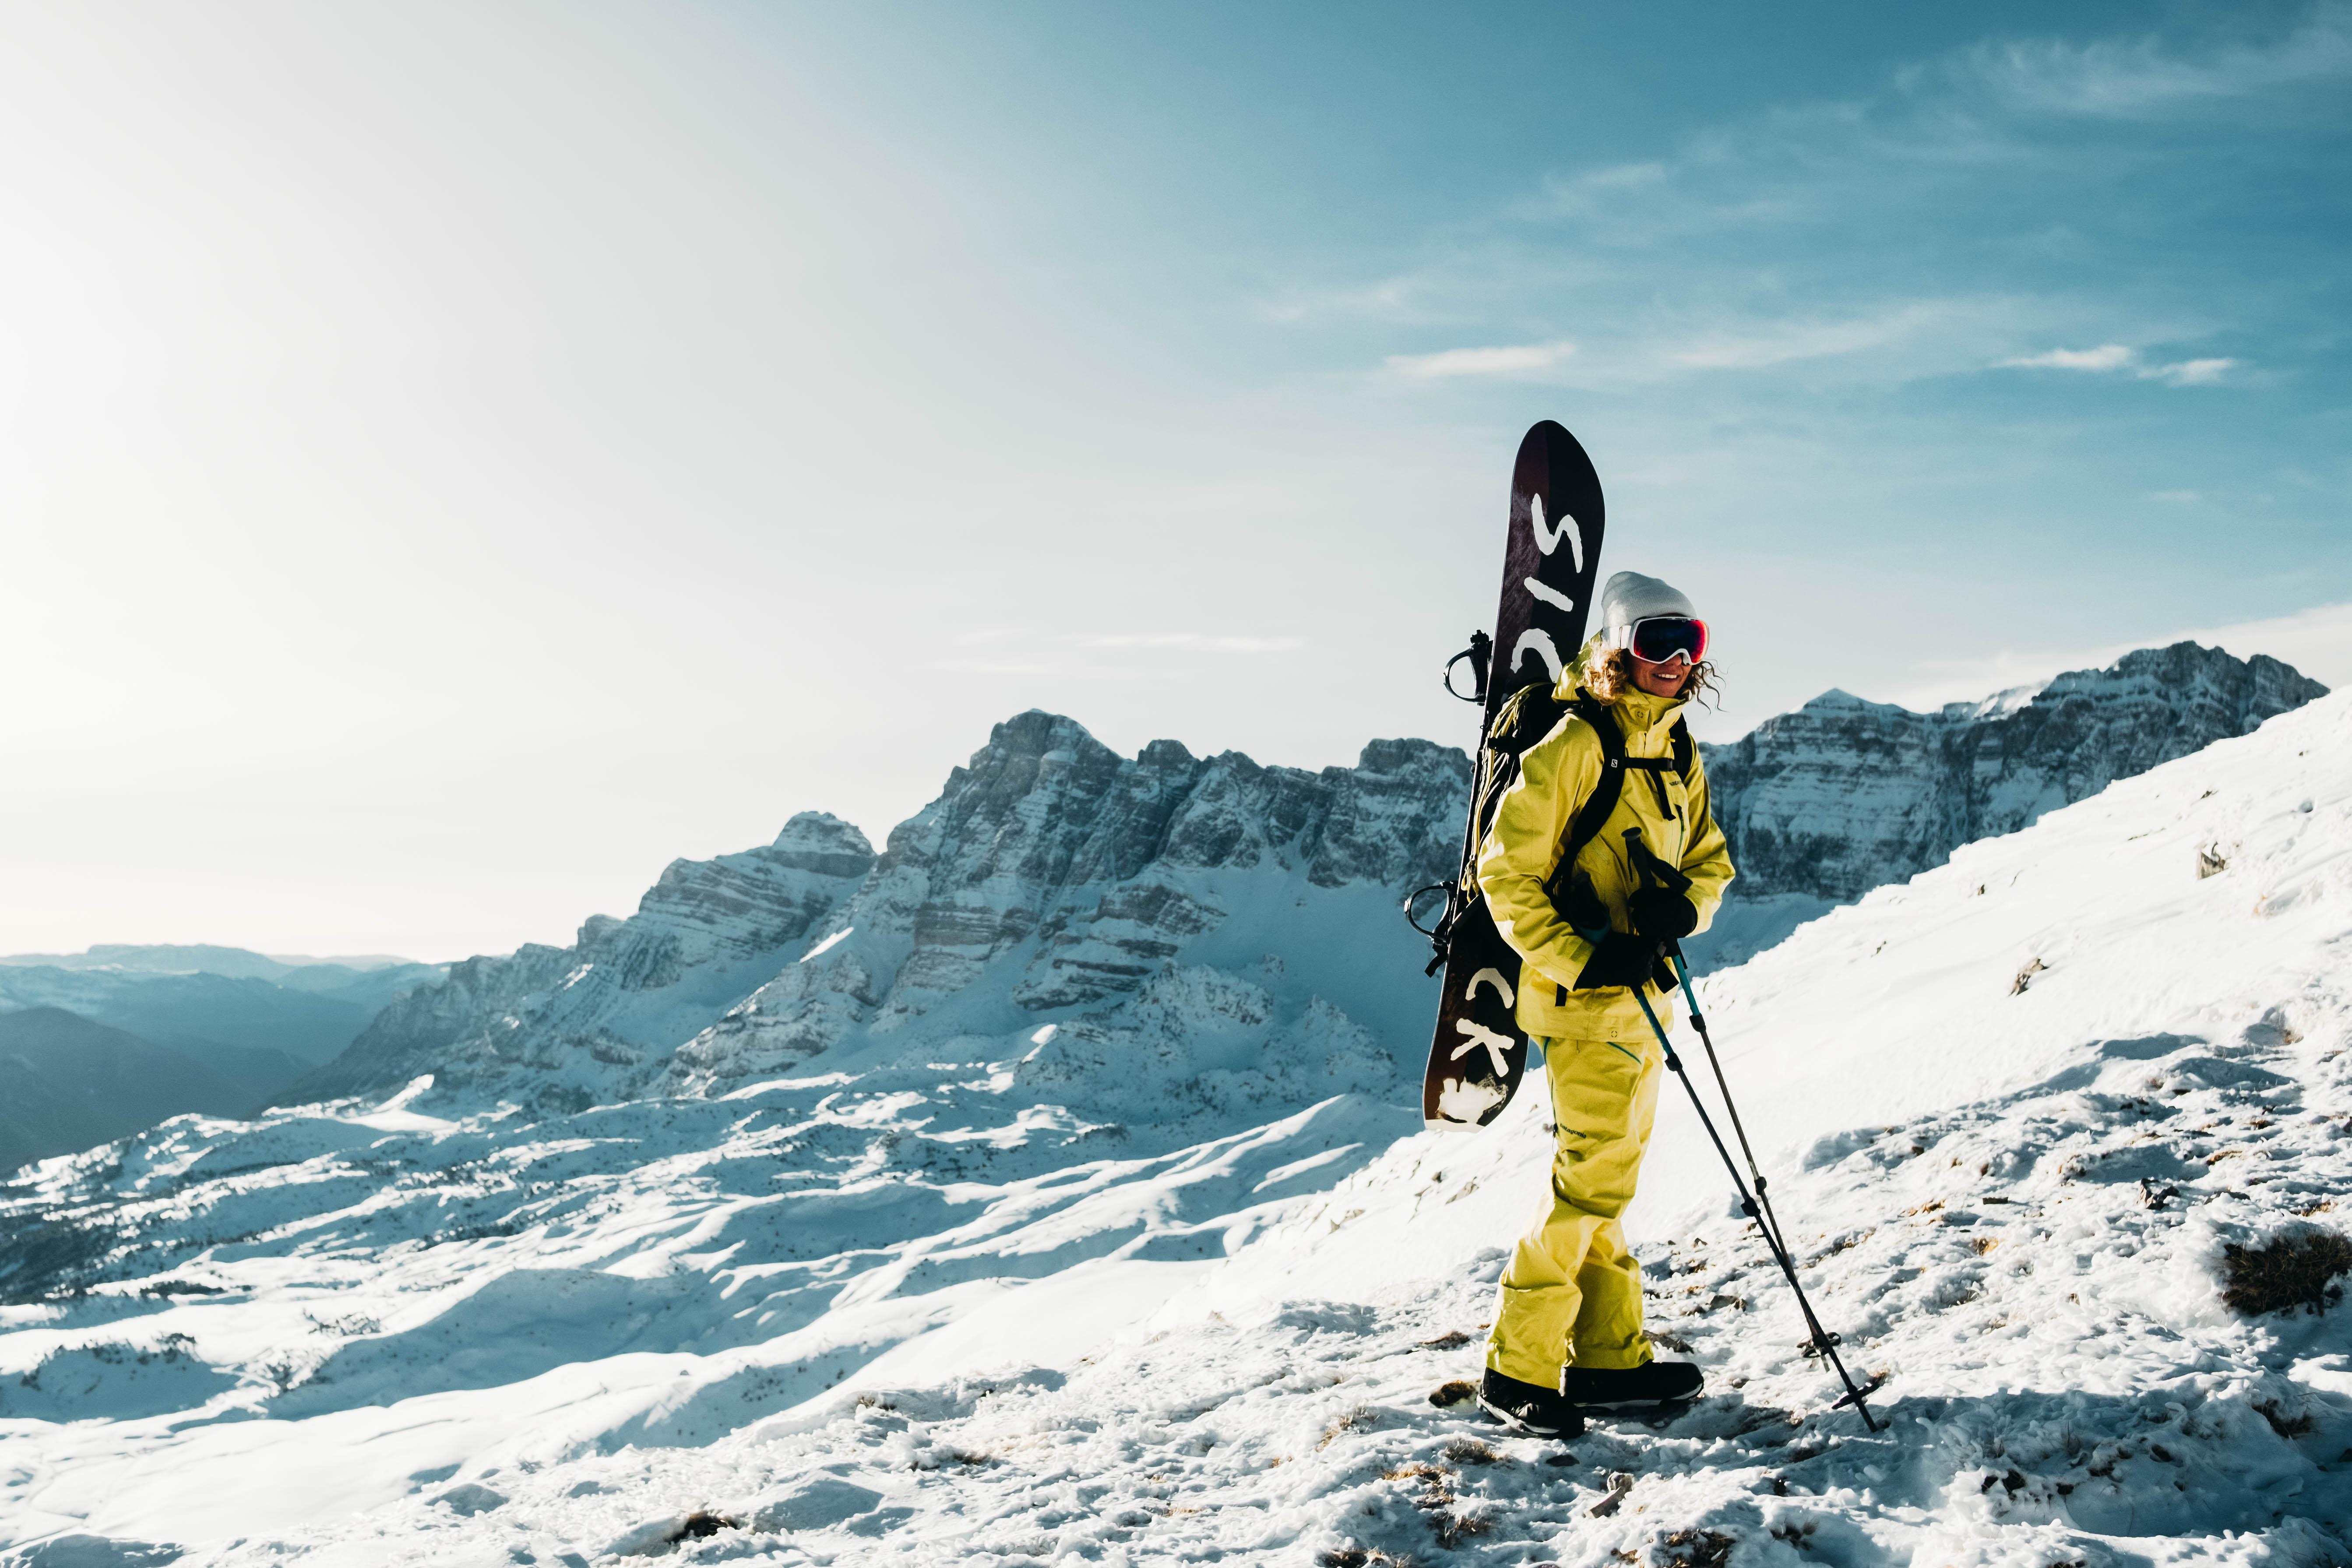 Cómo elegir botas de snowboard para esta temporada